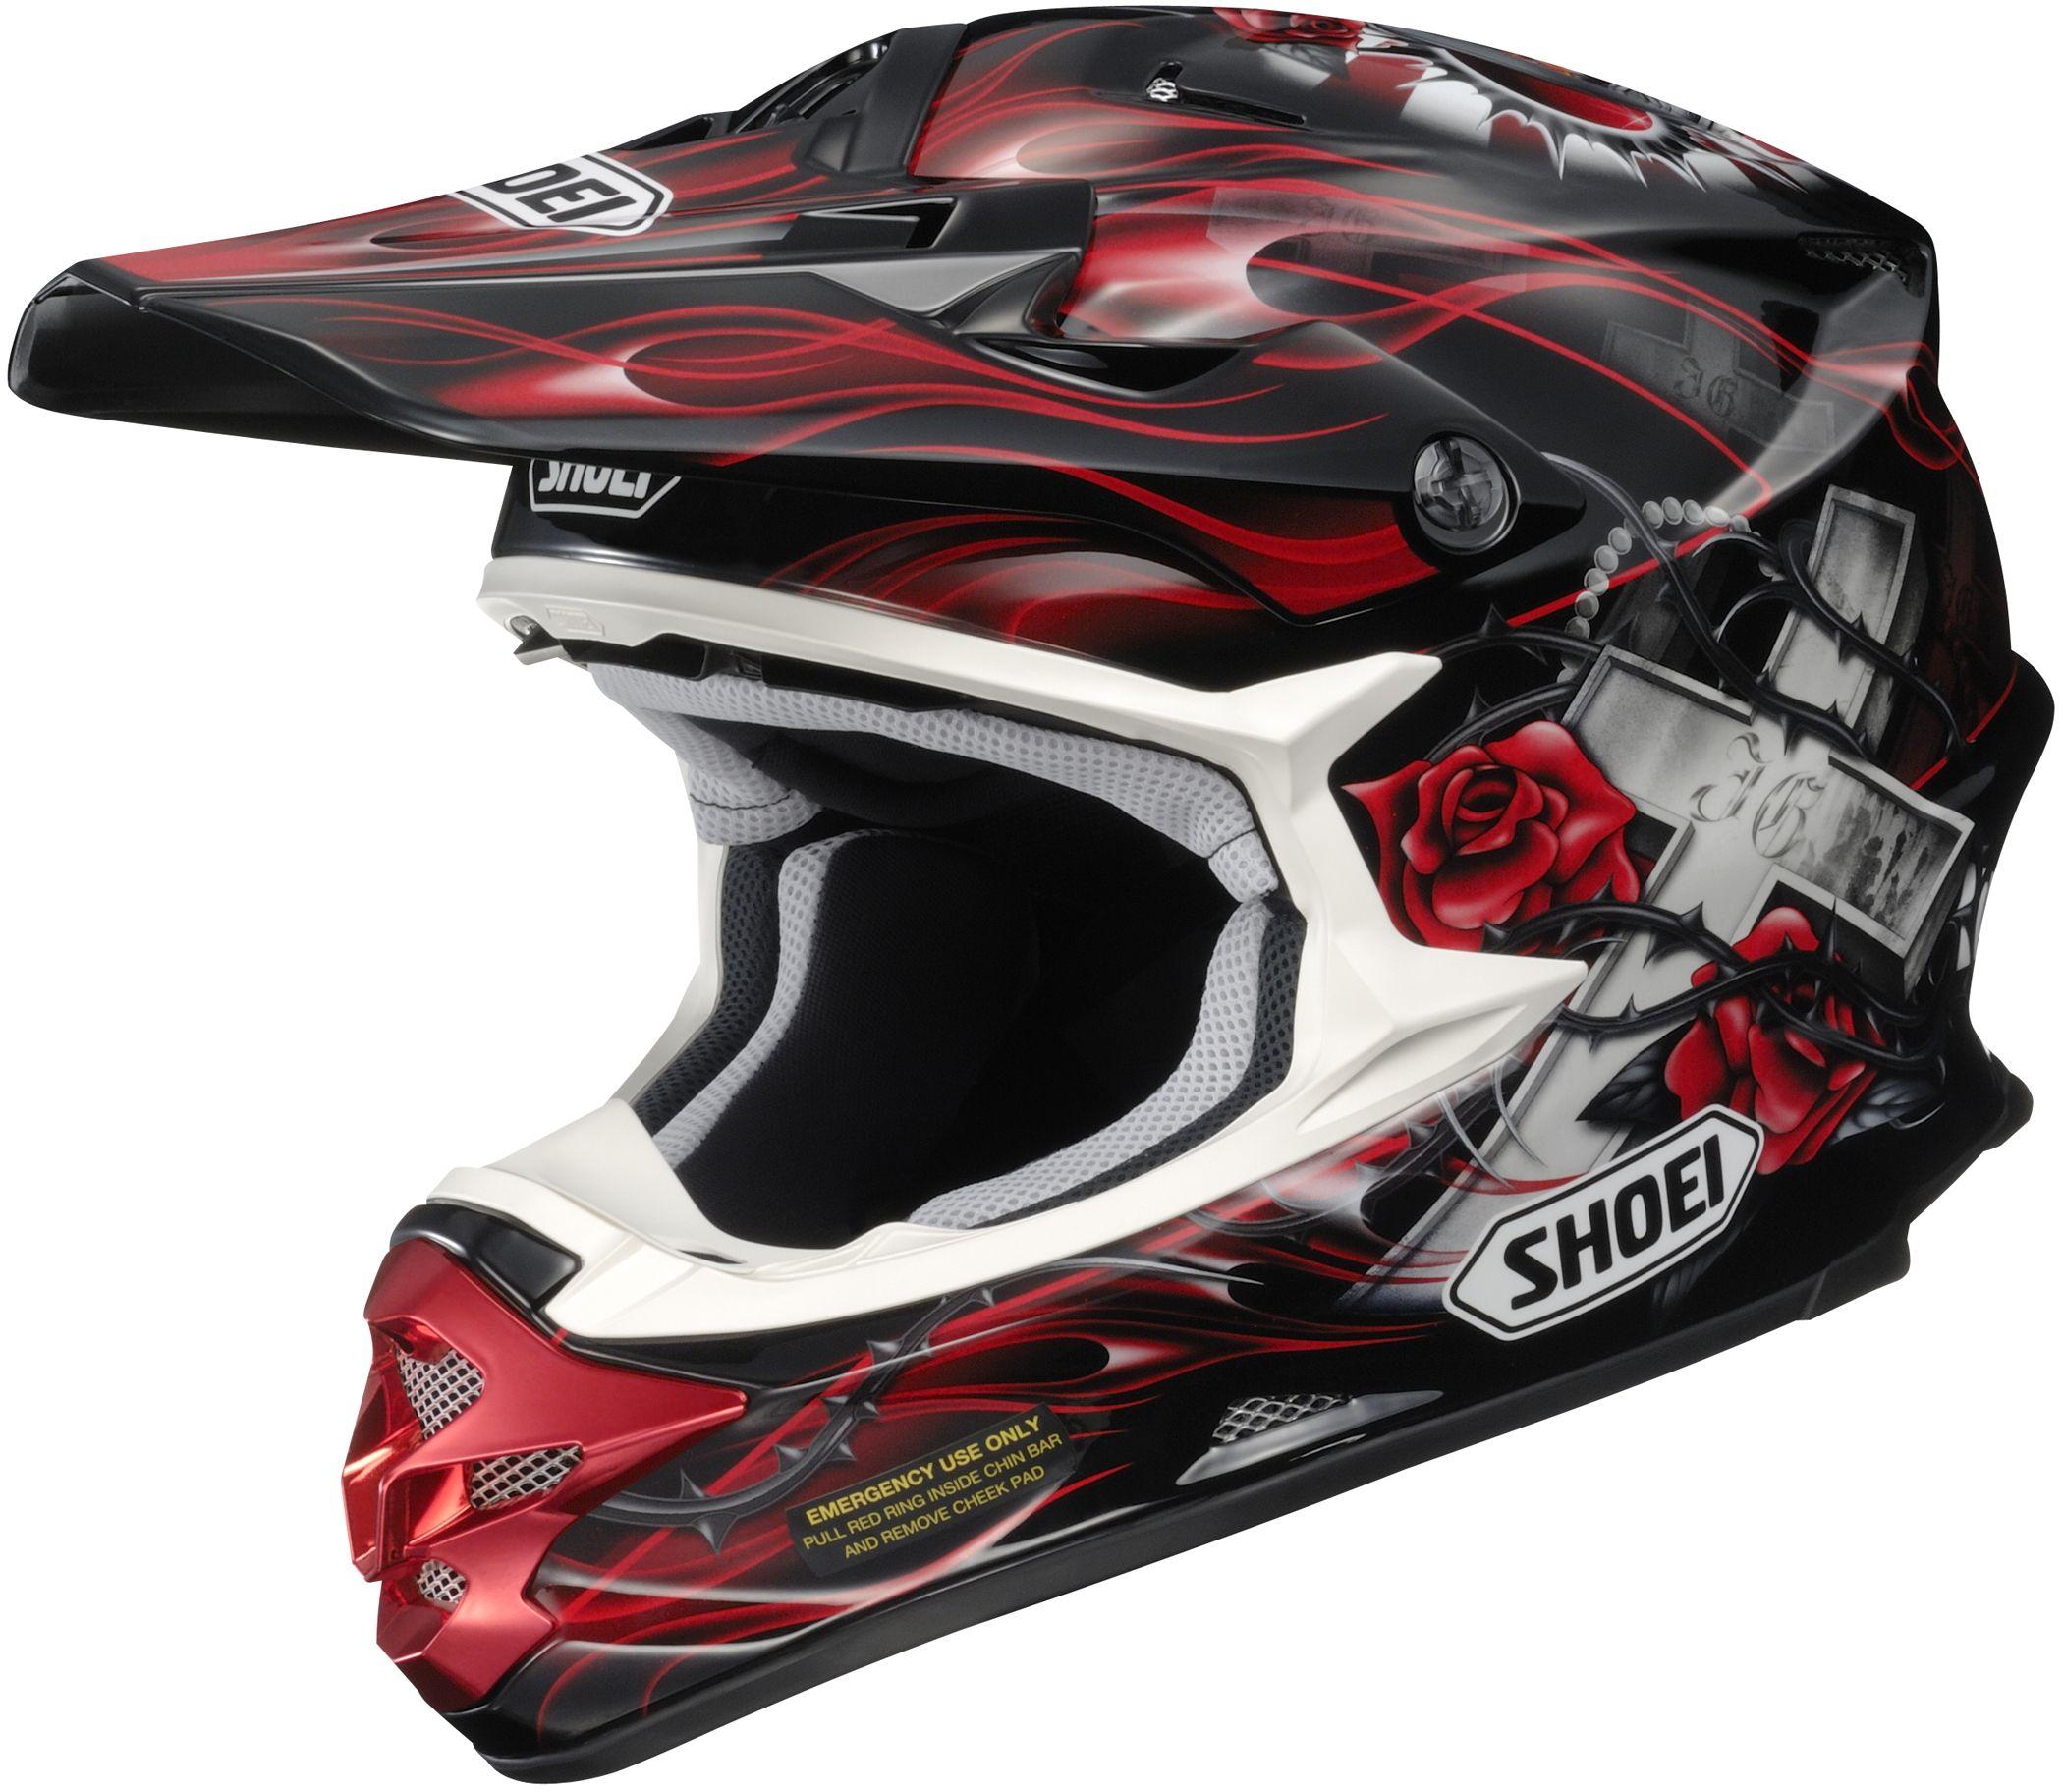 Shoei VFXW Grant Offroad Motorcycle Helmet http//www